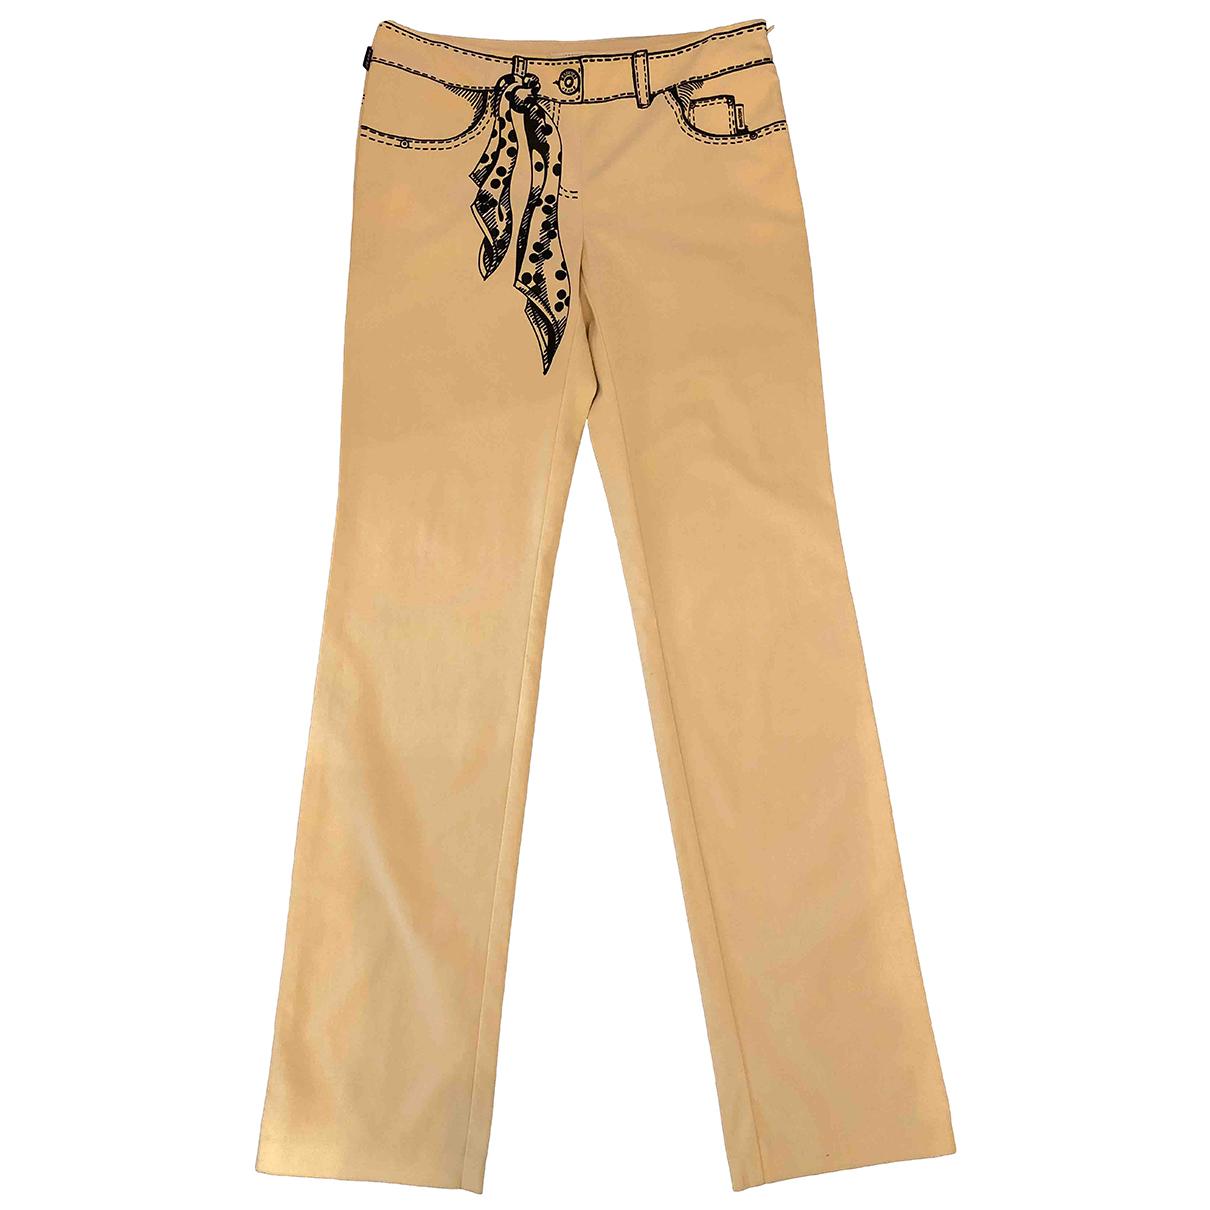 Pantalon recto Moschino